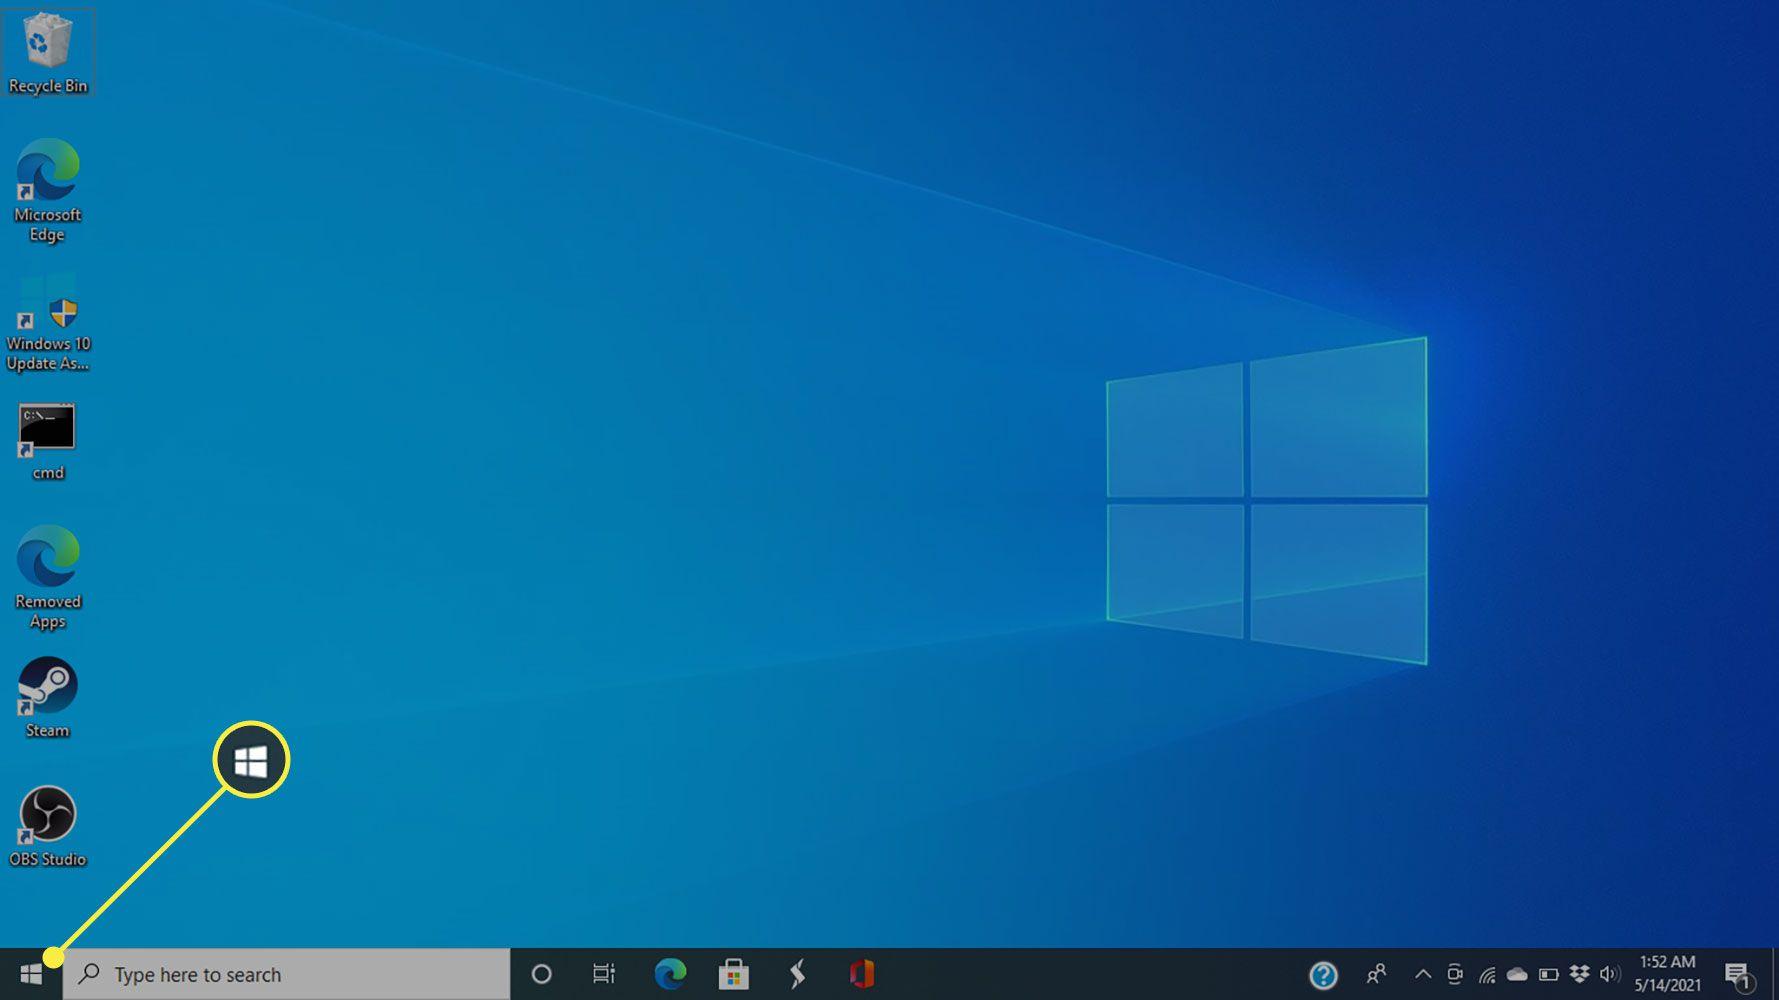 The Start menu in Windows 10